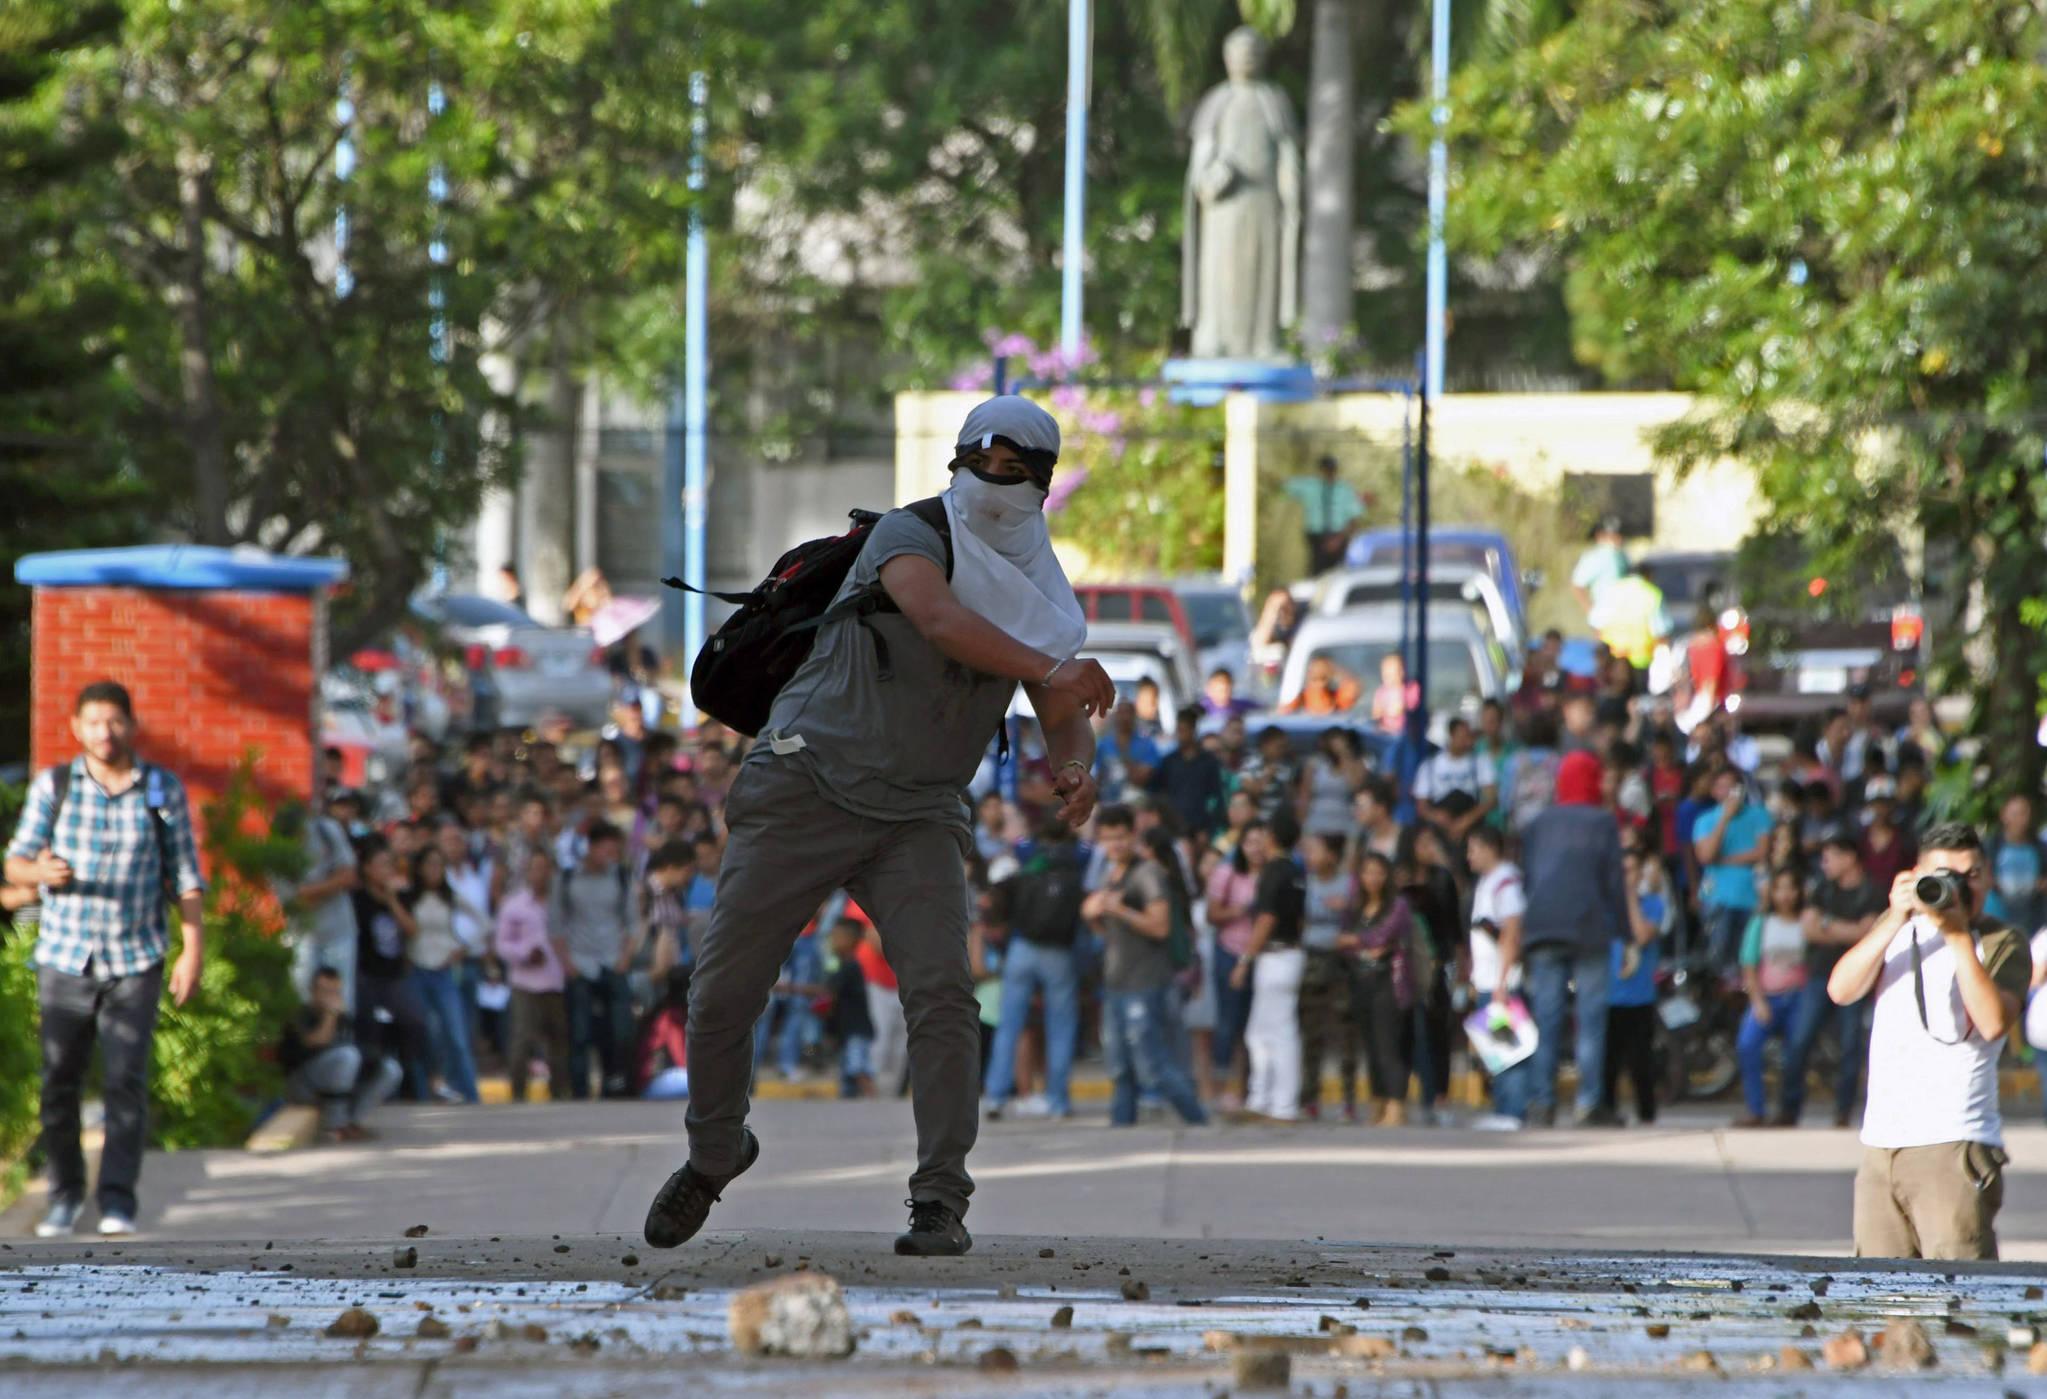 온두라스 대학생들이 지난 18일(현지시간) 수도 테구시칼파에서 반정부 시위를 벌이며 경찰을 향해 돌을 던지고 있다.[AFP=연합뉴스]